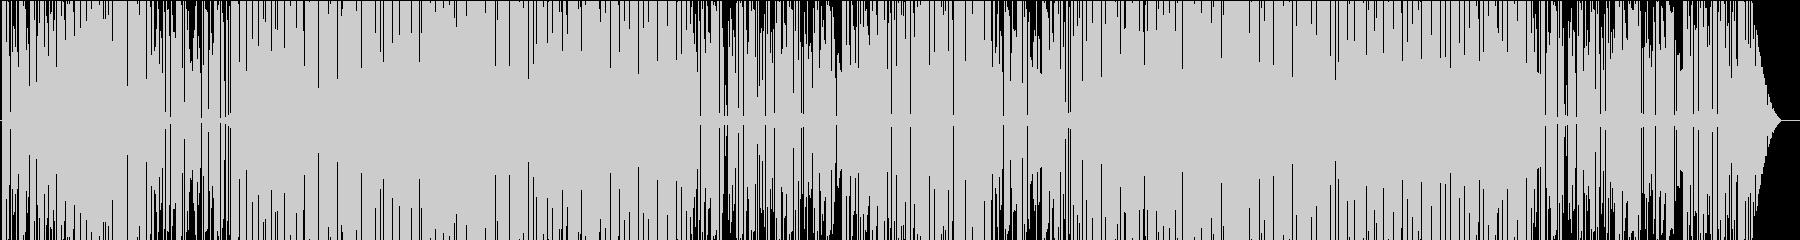 ゆめかわいいオシャレチップチューンの未再生の波形